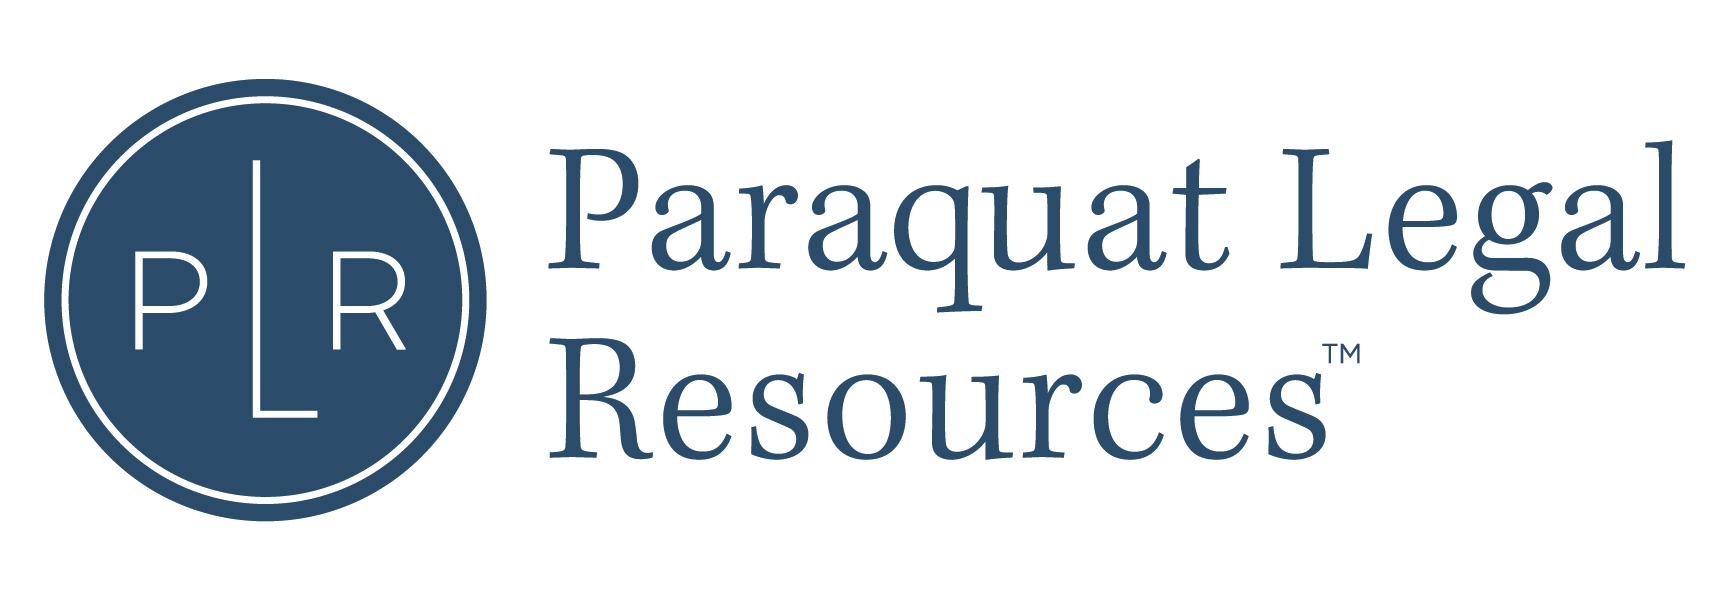 Paraquat Legal Resources